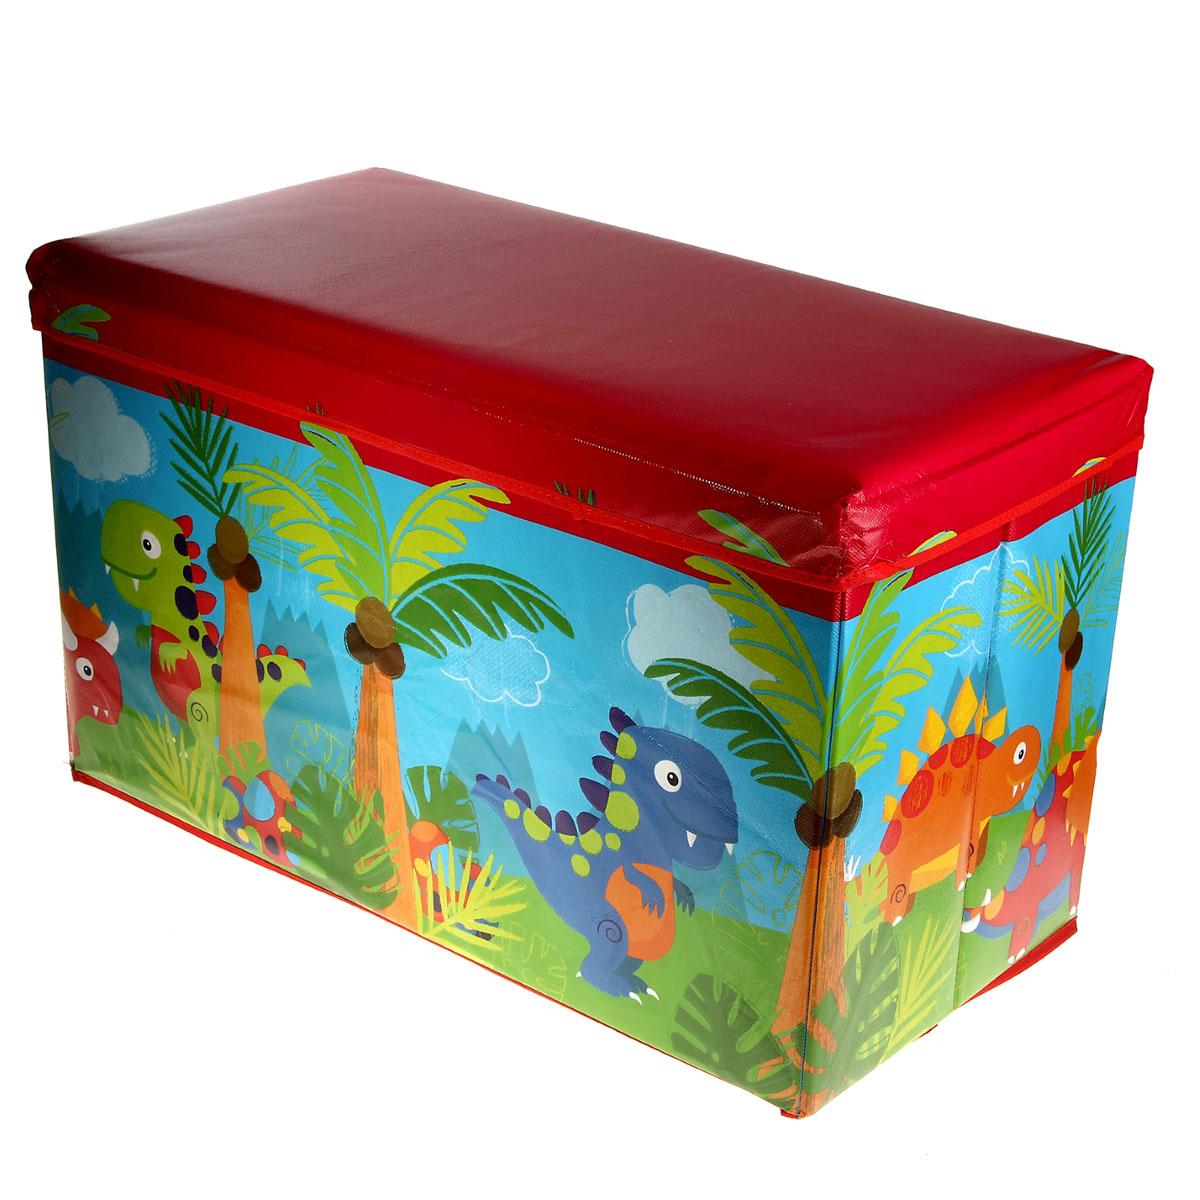 Коробка для хранения Sima-land Динозаврики, 35 см х 59 см х 31 см848388Коробка для хранения Sima-land Динозаврики изготовлена из искусственной кожи и картона. Коробка имеет съемную, мягкую крышку. Материал коробки позволяет сохранять естественную вентиляцию, а воздуху свободно проникать внутрь, не пропуская пыль. Благодаря специальным вставкам, коробка прекрасно держит форму, что позволяет ее использовать как дополнительное посадочное место для ребенка. Красочный дизайн коробки понравиться вашему ребенку. Компактные габариты коробки не загромождают помещение. Коробку можно хранить в обычном шкафу. Внутренняя емкость позволяет хранить внутри игрушки, книжки и другие вещи. Мобильность коробки обеспечивает складывание и раскладывание ее одним движением. Коробка Sima-land Динозаврики - идеальное решения для хранения вещей.